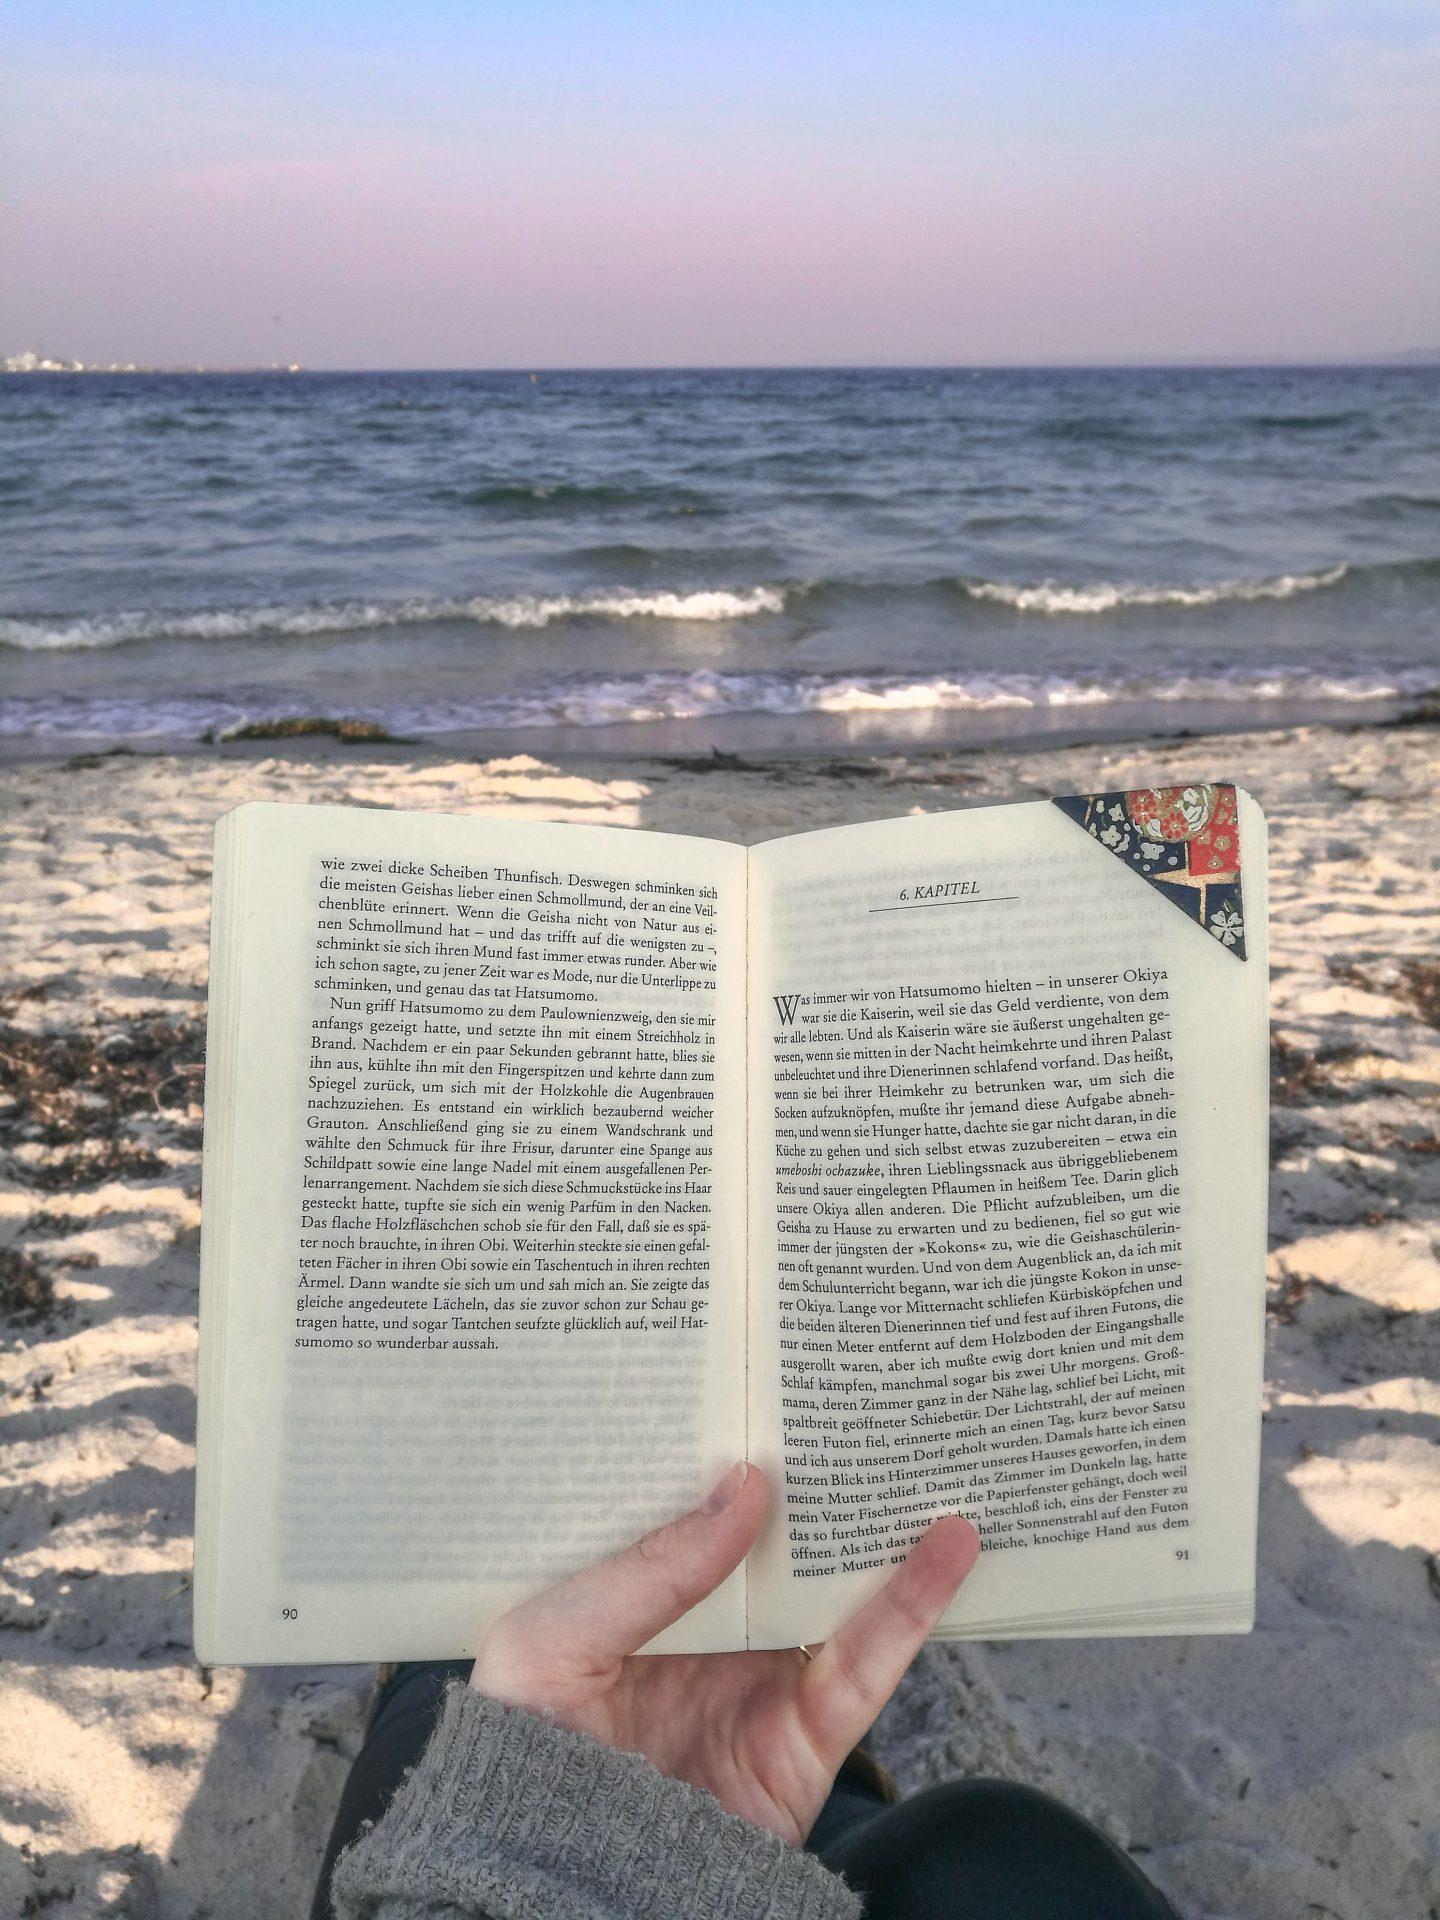 Fernweh-stillen-reisebücher-lesen